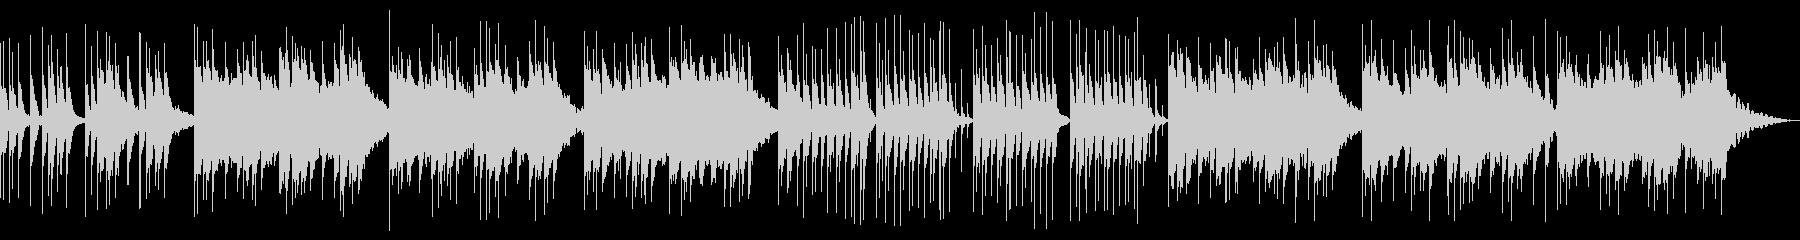 実験的な アンビエント ファンタジ...の未再生の波形